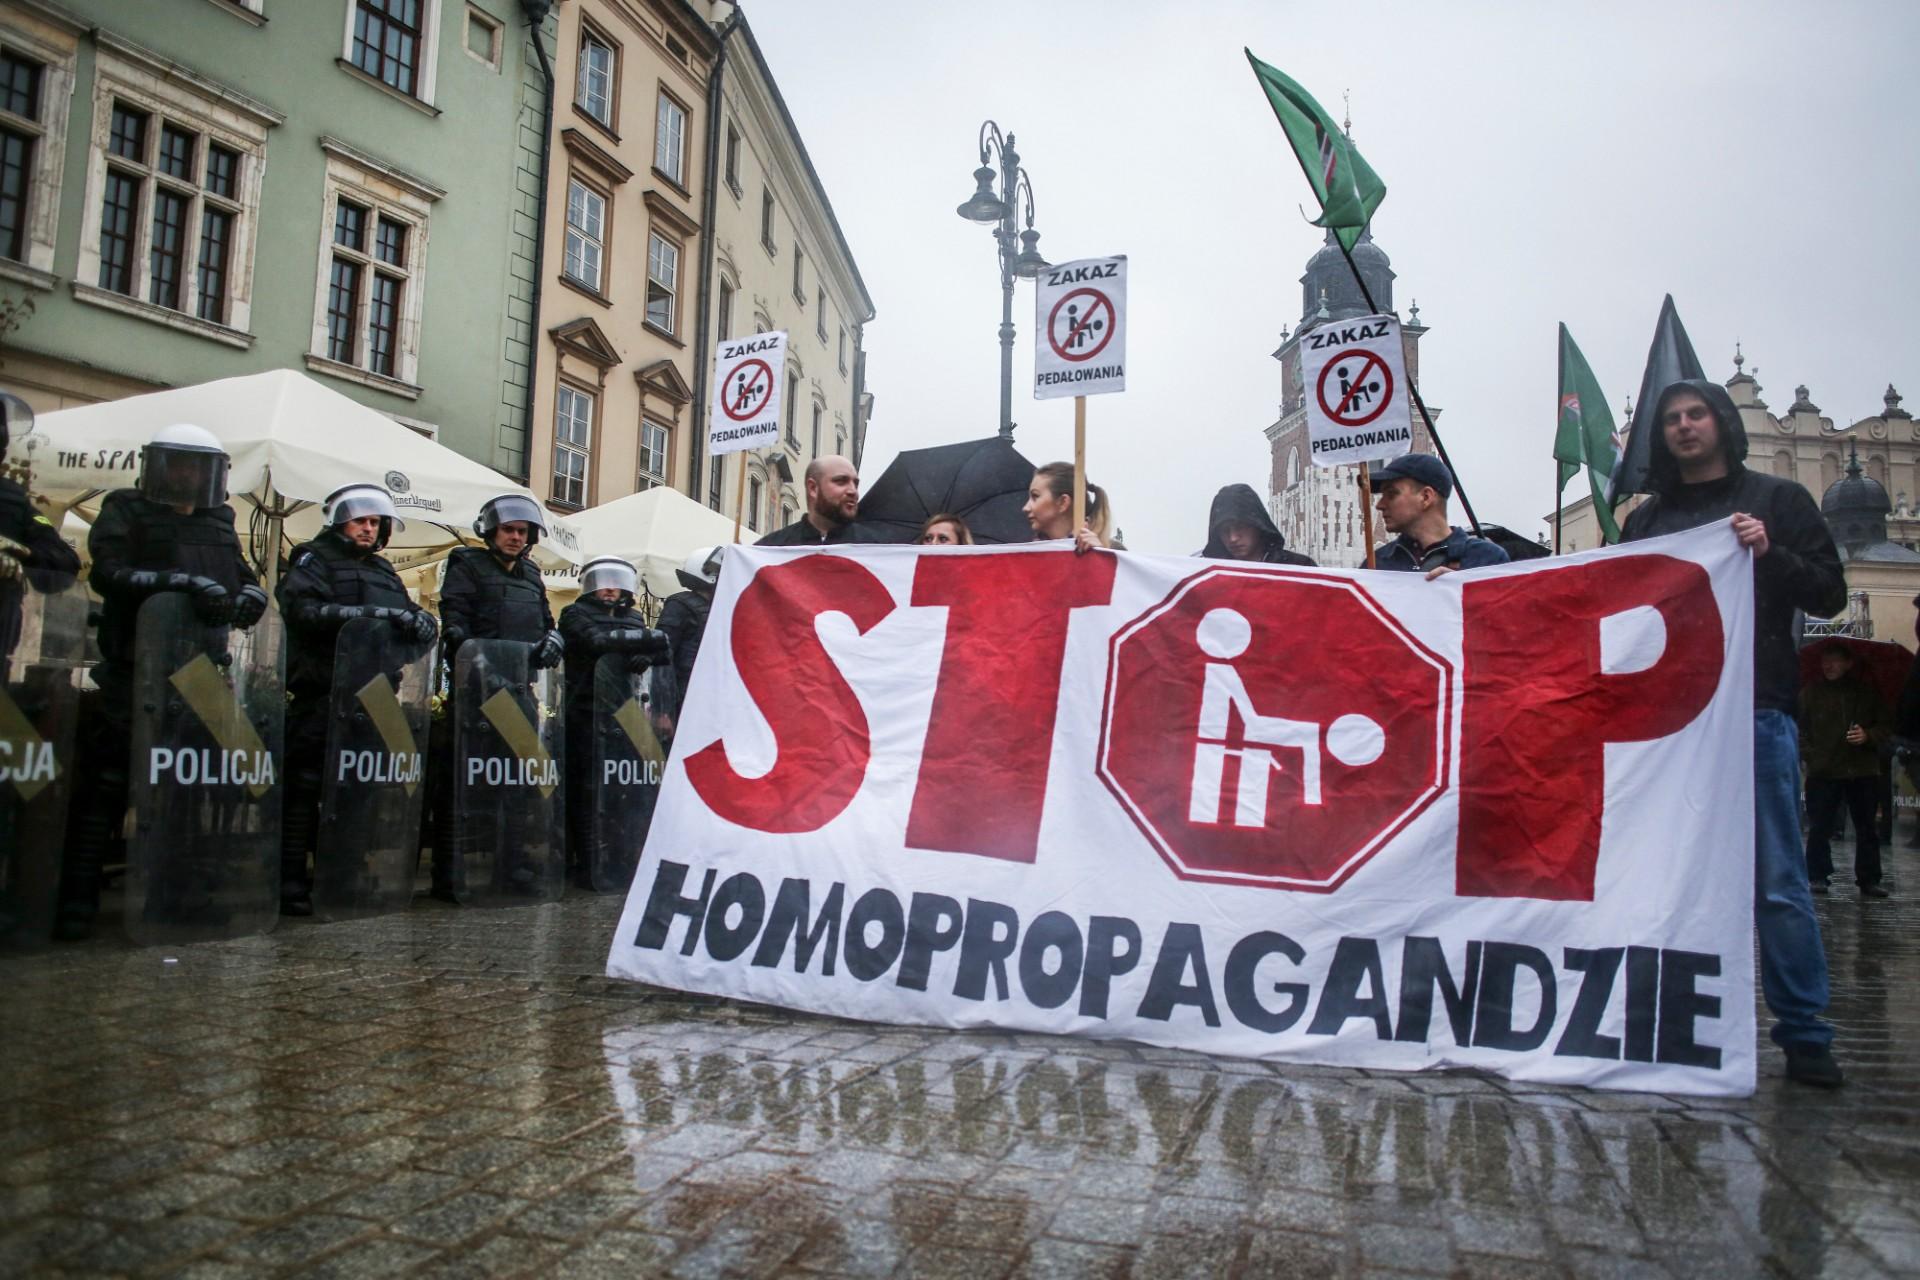 Polska traktuje mniejszość LGBTQ+ najgorzej wcałej Unii Europejskiej – takwynika zraportu ILGA